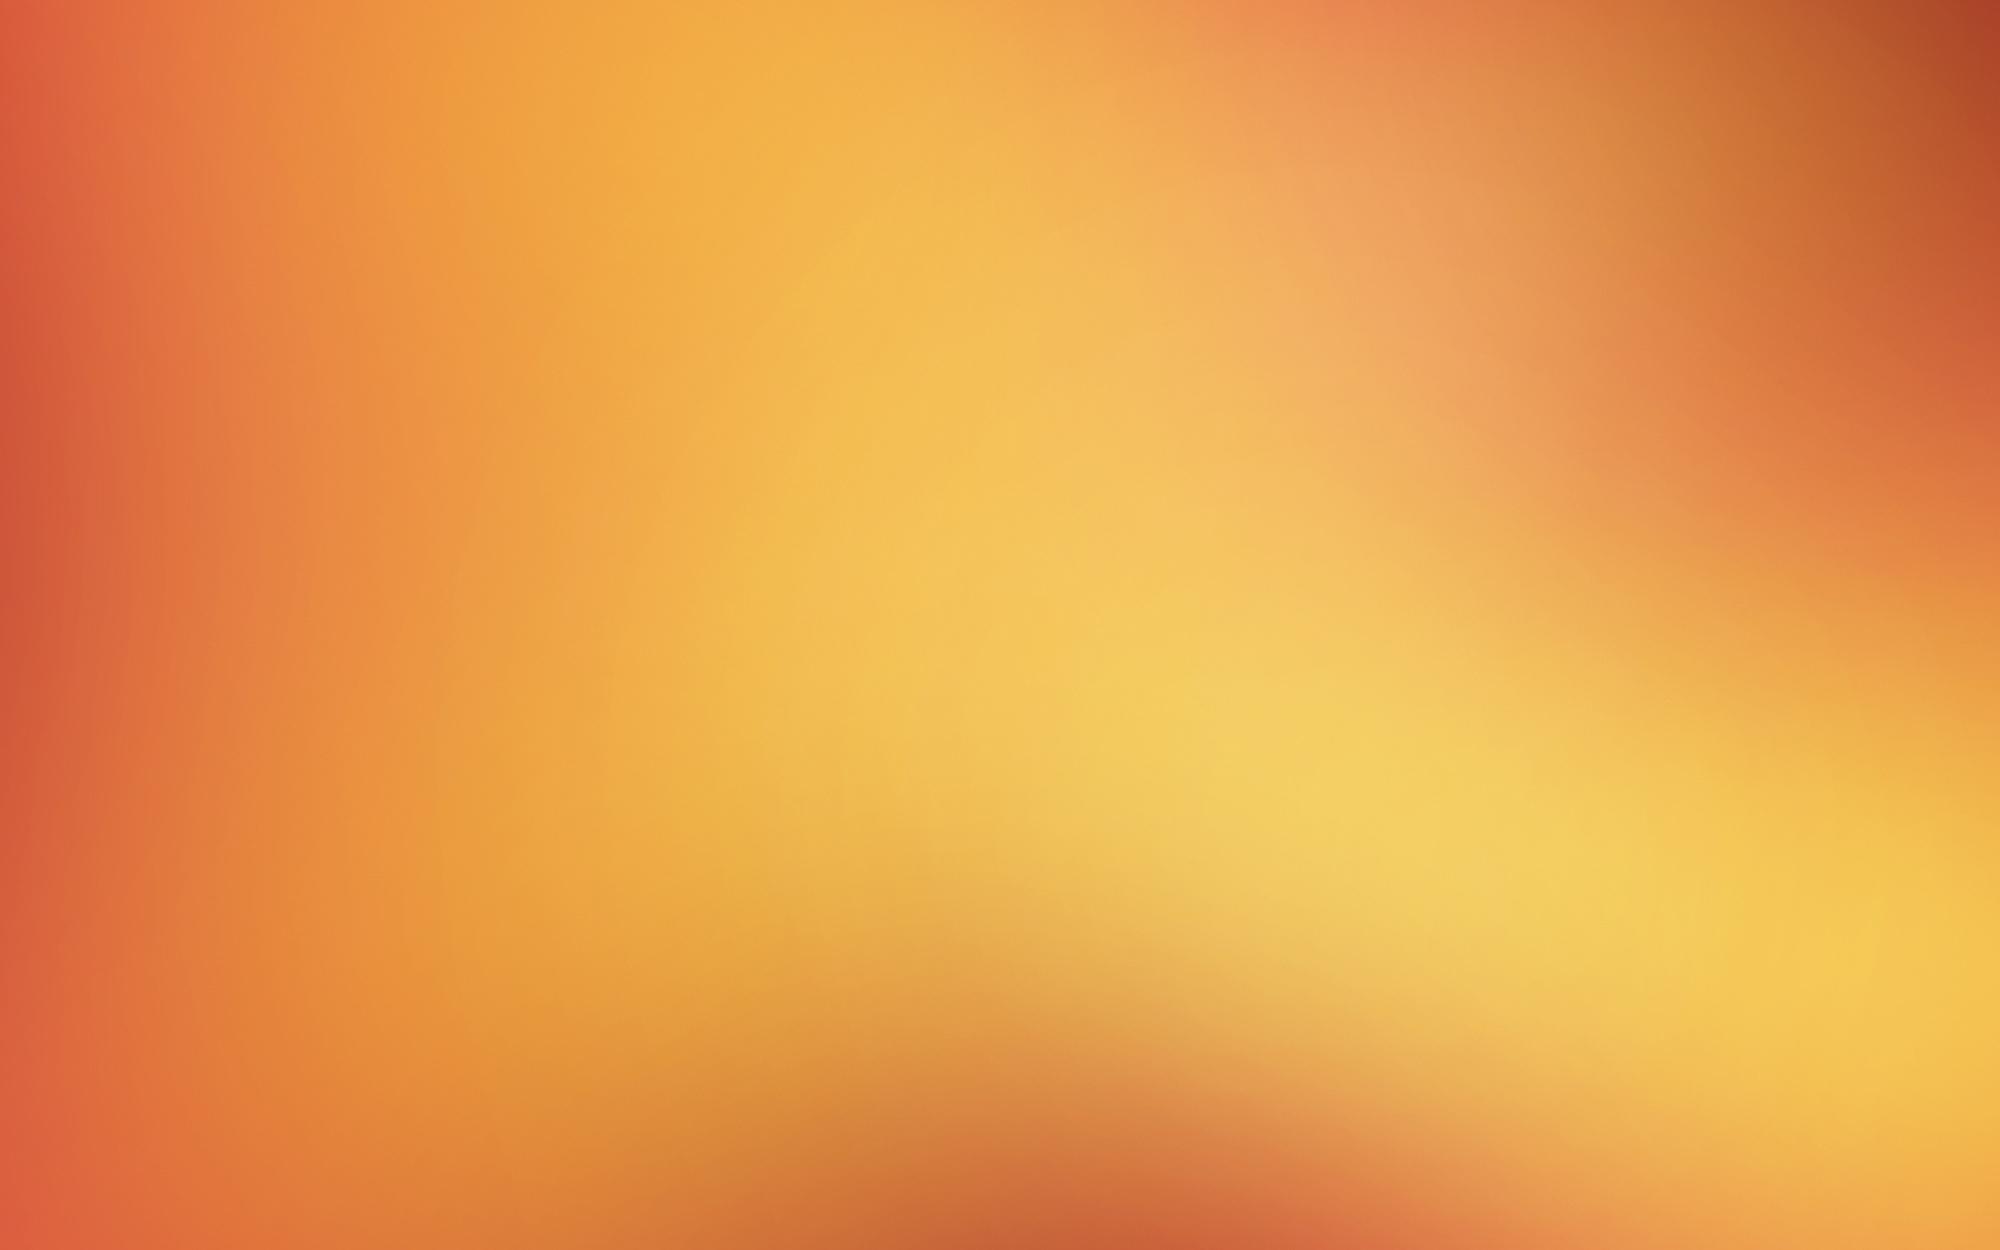 Яркий персиковый цвет